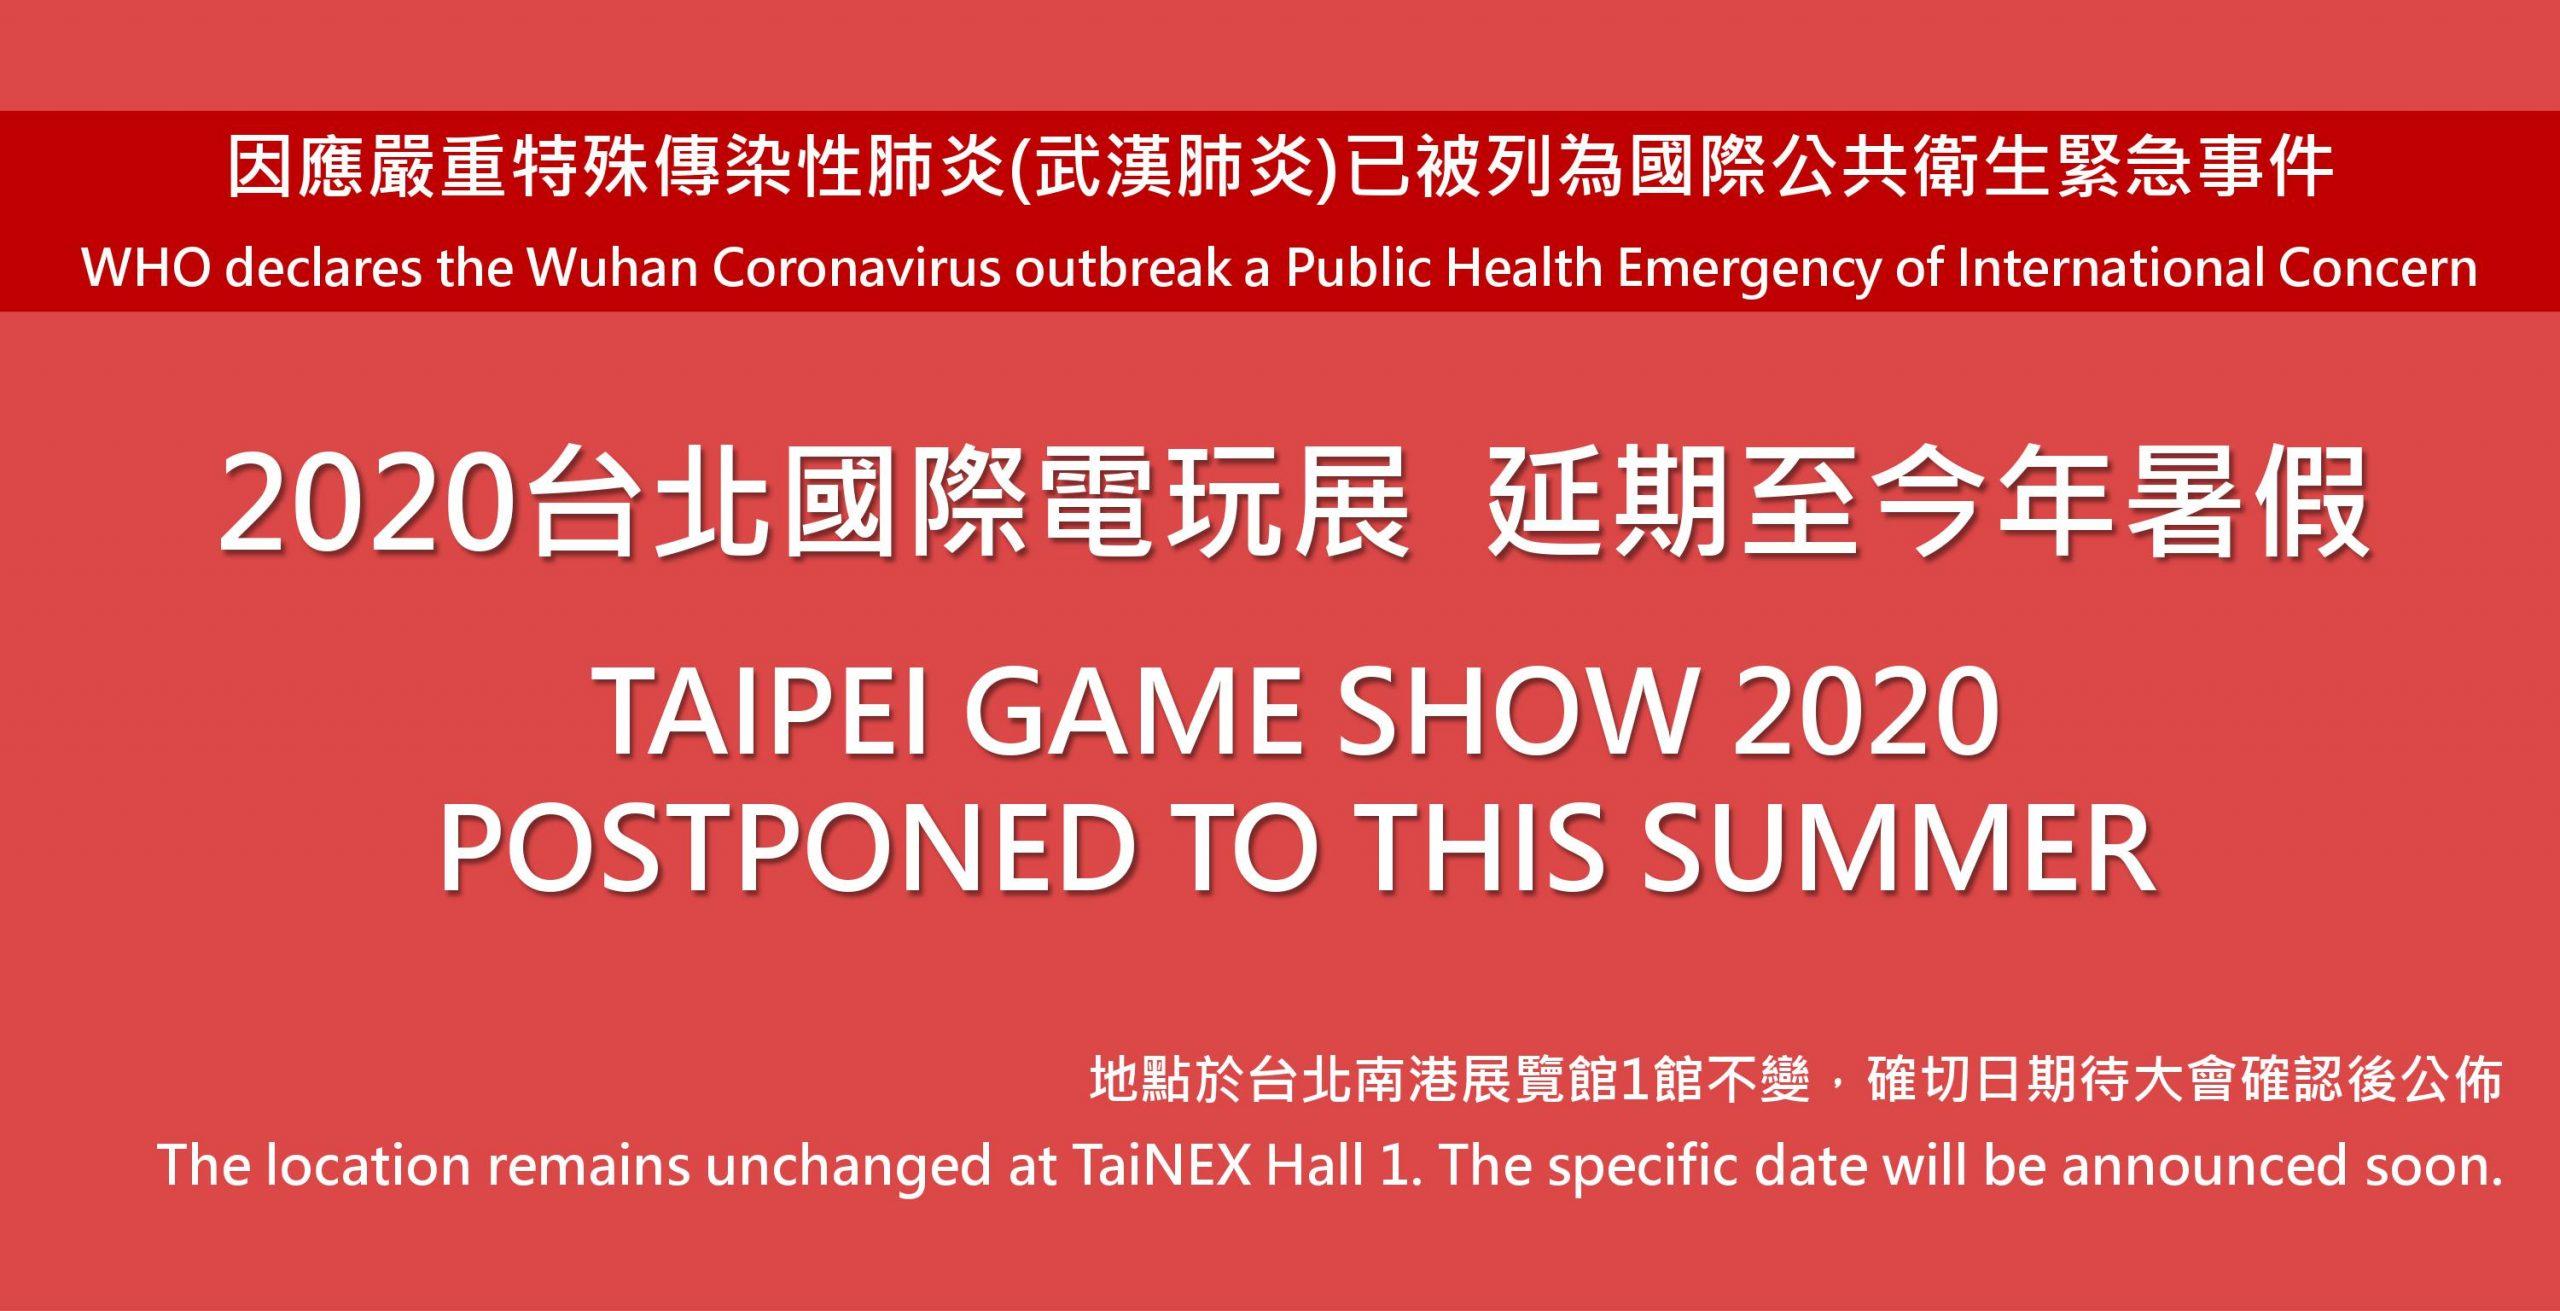 台北ゲームショウが新型コロナウイルス流行の影響で今夏に開催延期